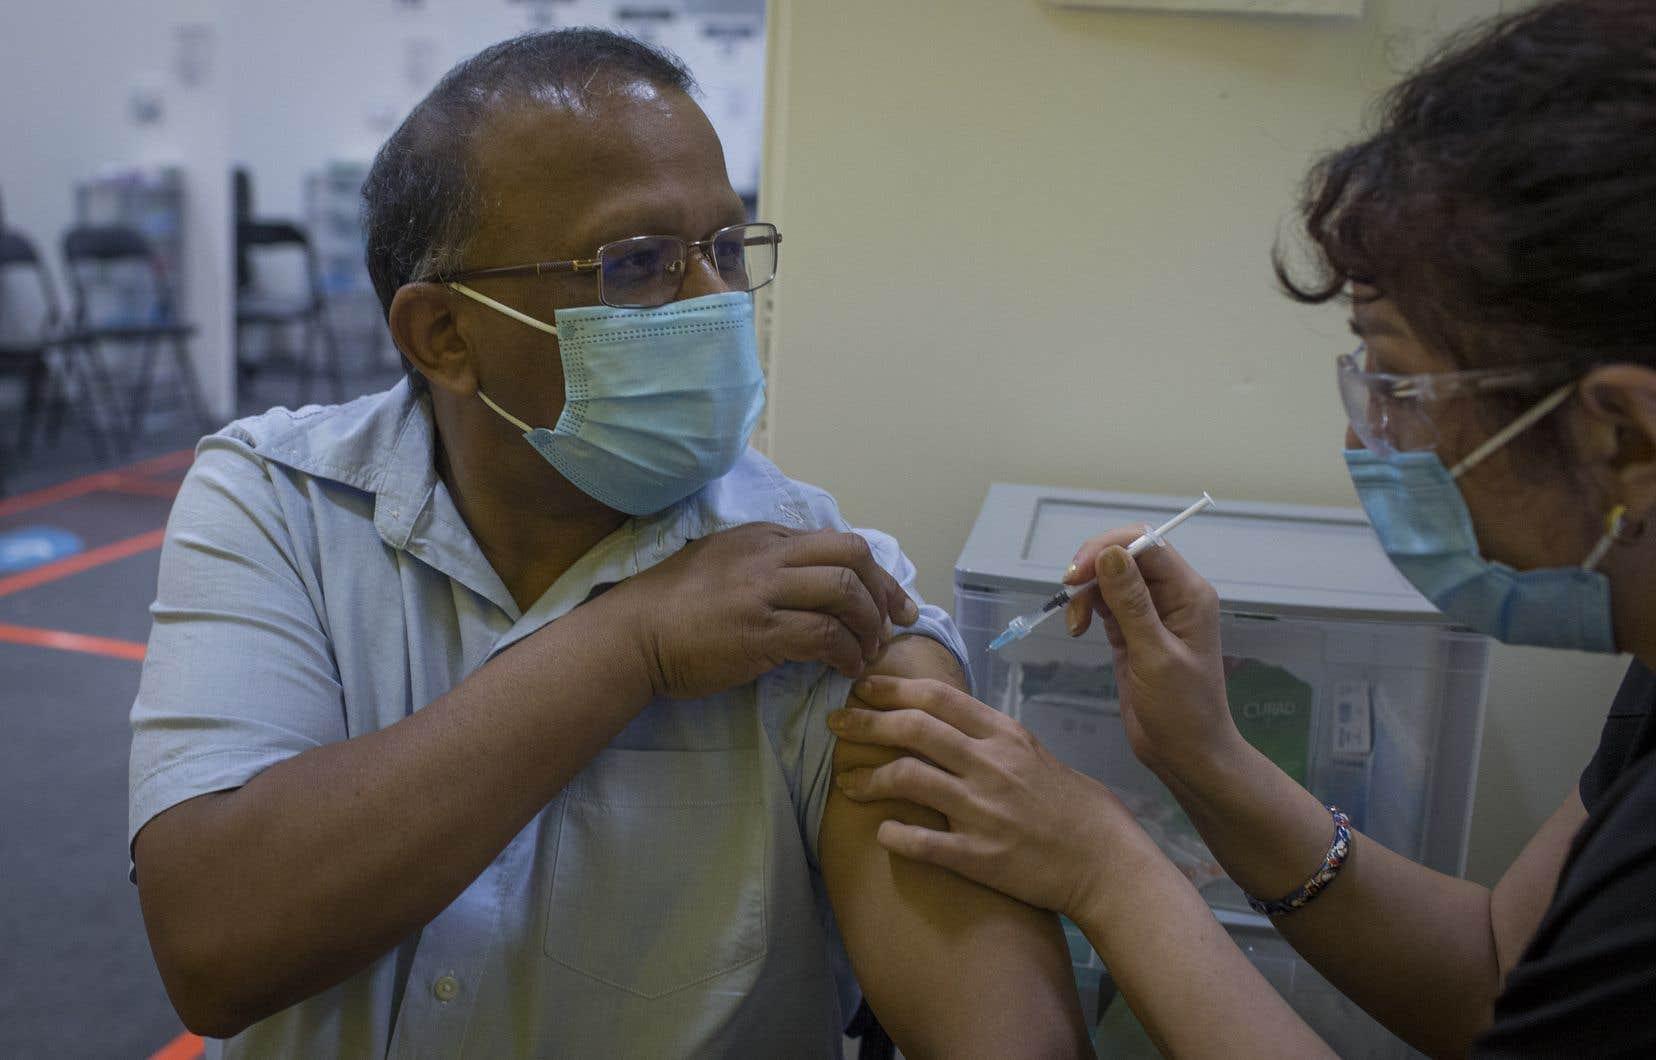 Plusieurs arrondissements attendent avec impatience les résultats du projet-pilote de vaccination contre la COVID-19 en cours depuis lundi dernier dans Côte-Saint-Luc et le secteur de Plamondon, dans le quartier Côte-des-Neiges.